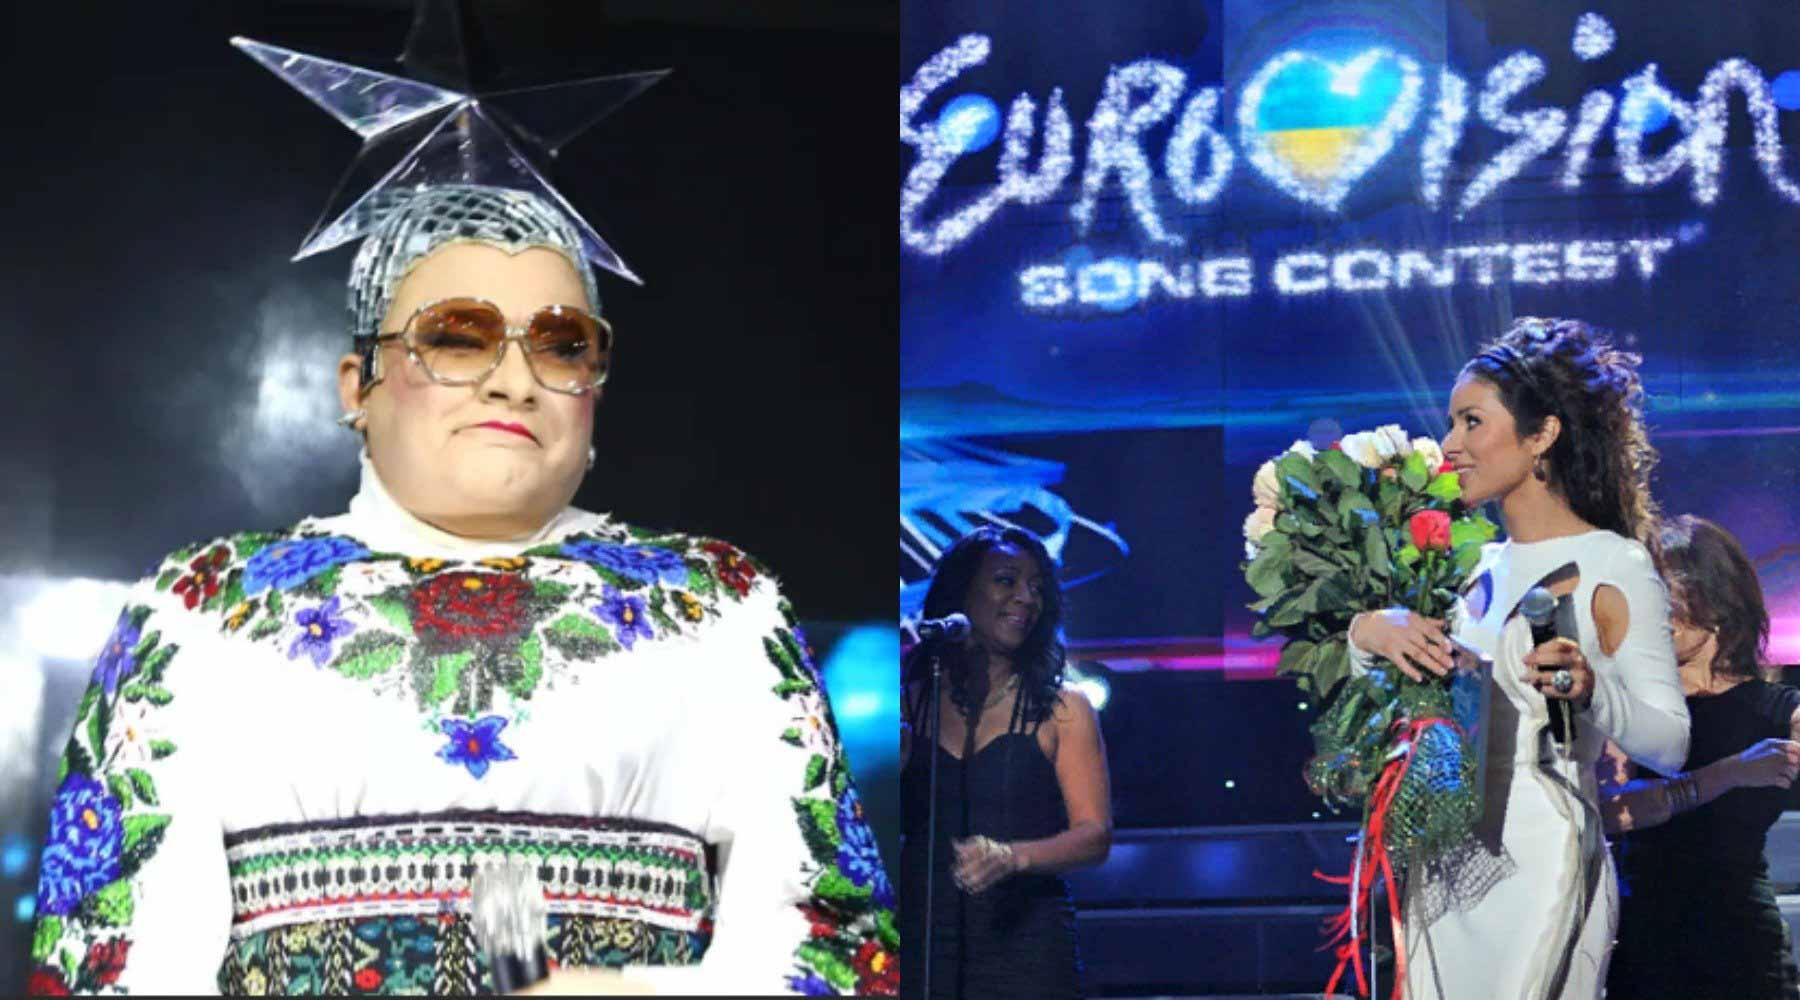 Будет ли Украина дисквалифицирована с Евровидения? Блогер раскрыл «цену победы» в конкурсе